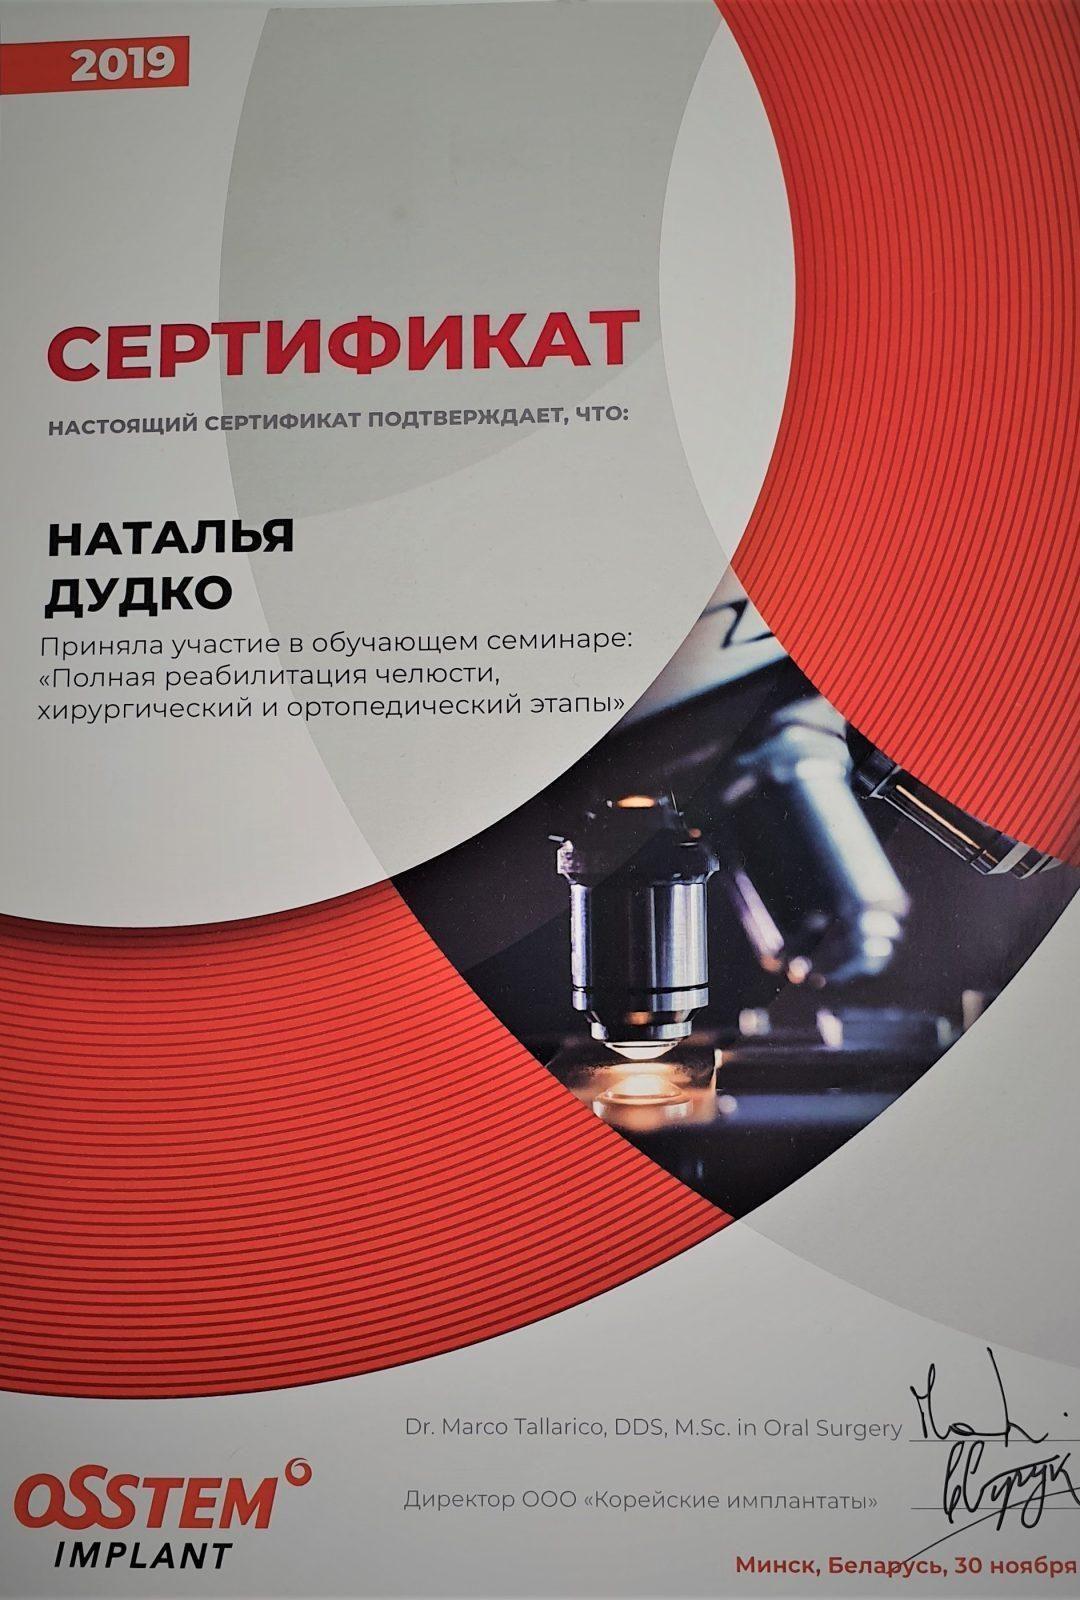 Сертификат подтверждает, что Дудко Наталья приняла участие в обучающем семинаре. На тему: Полная реабилитация челюсти, хирургический и ортопедический этапы.